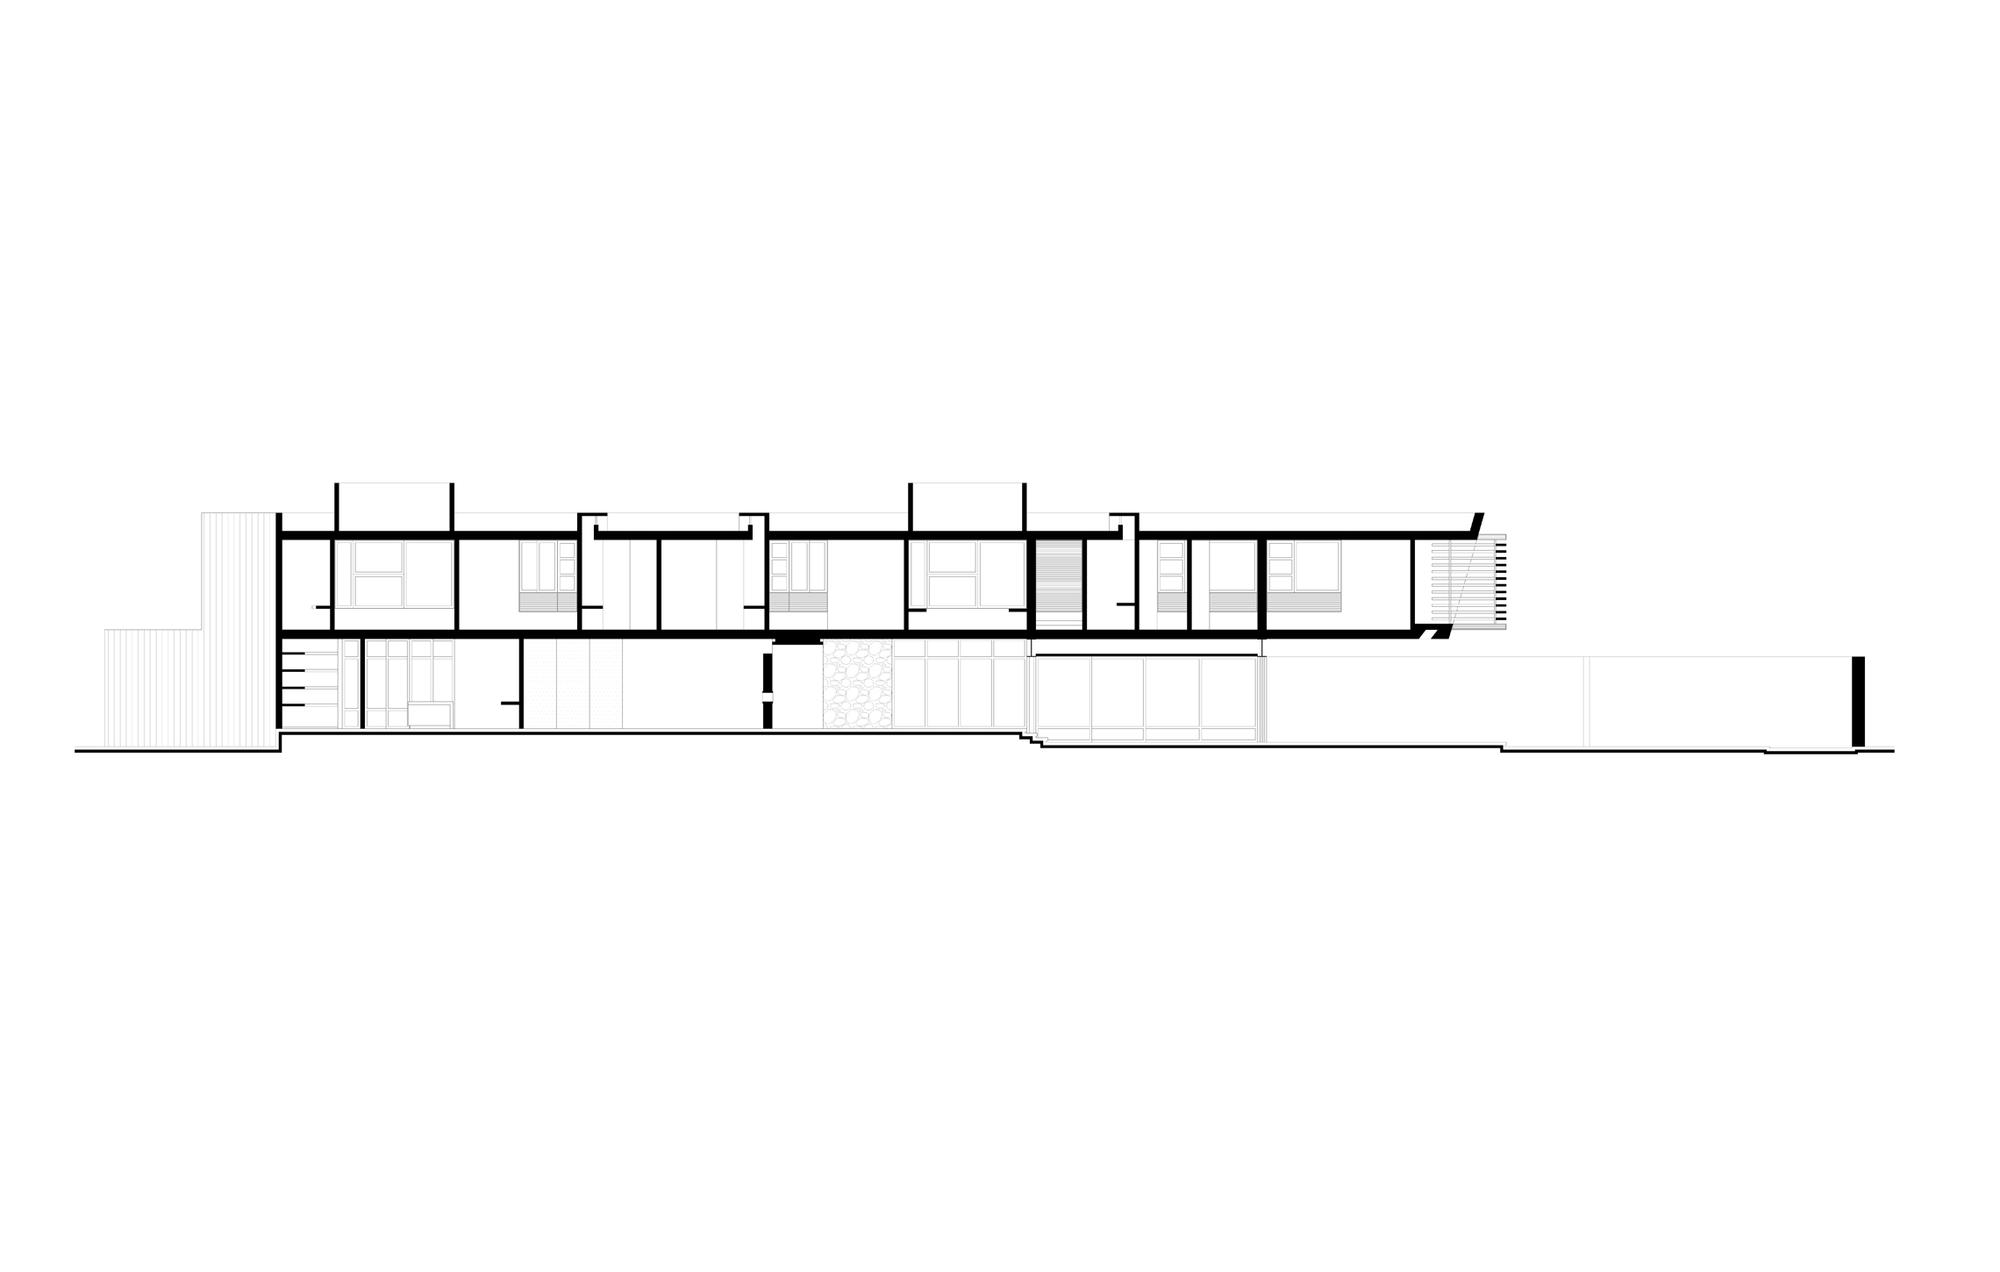 5305f55fe8e44e2ac300000c_temozon-house-carrillo-arquitectos-y-asociados_corte_01